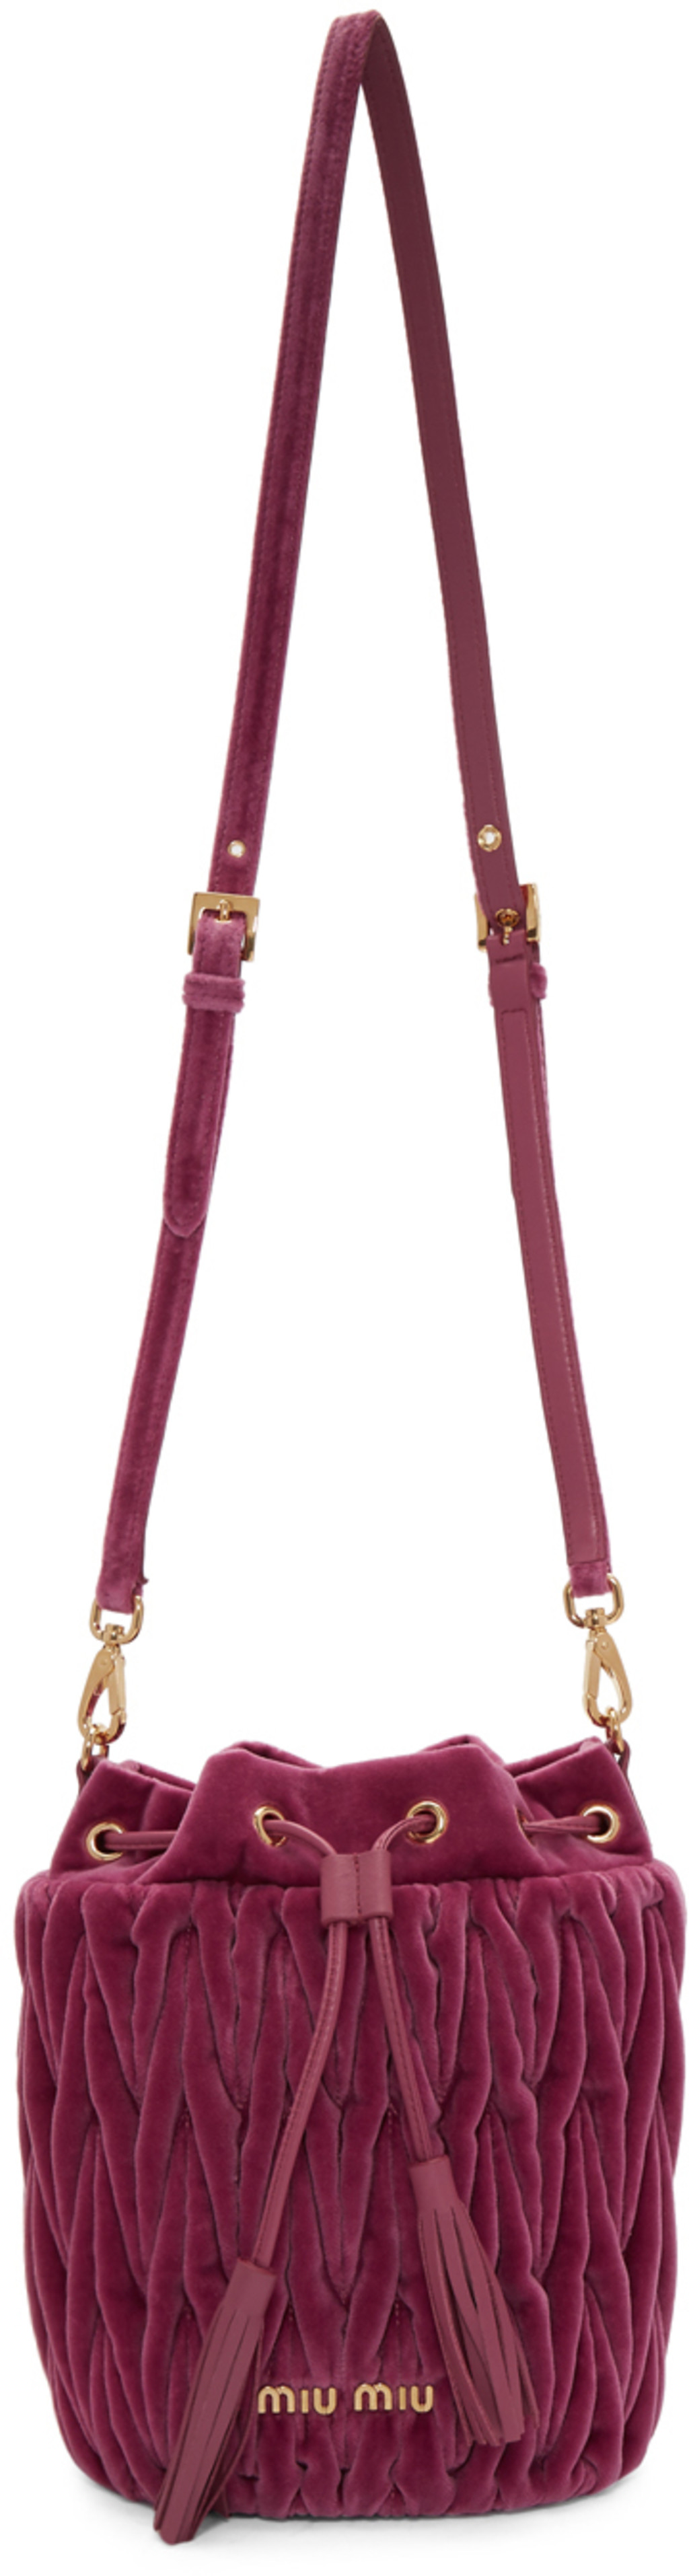 6497270270c Miu Miu bags for Women   SSENSE